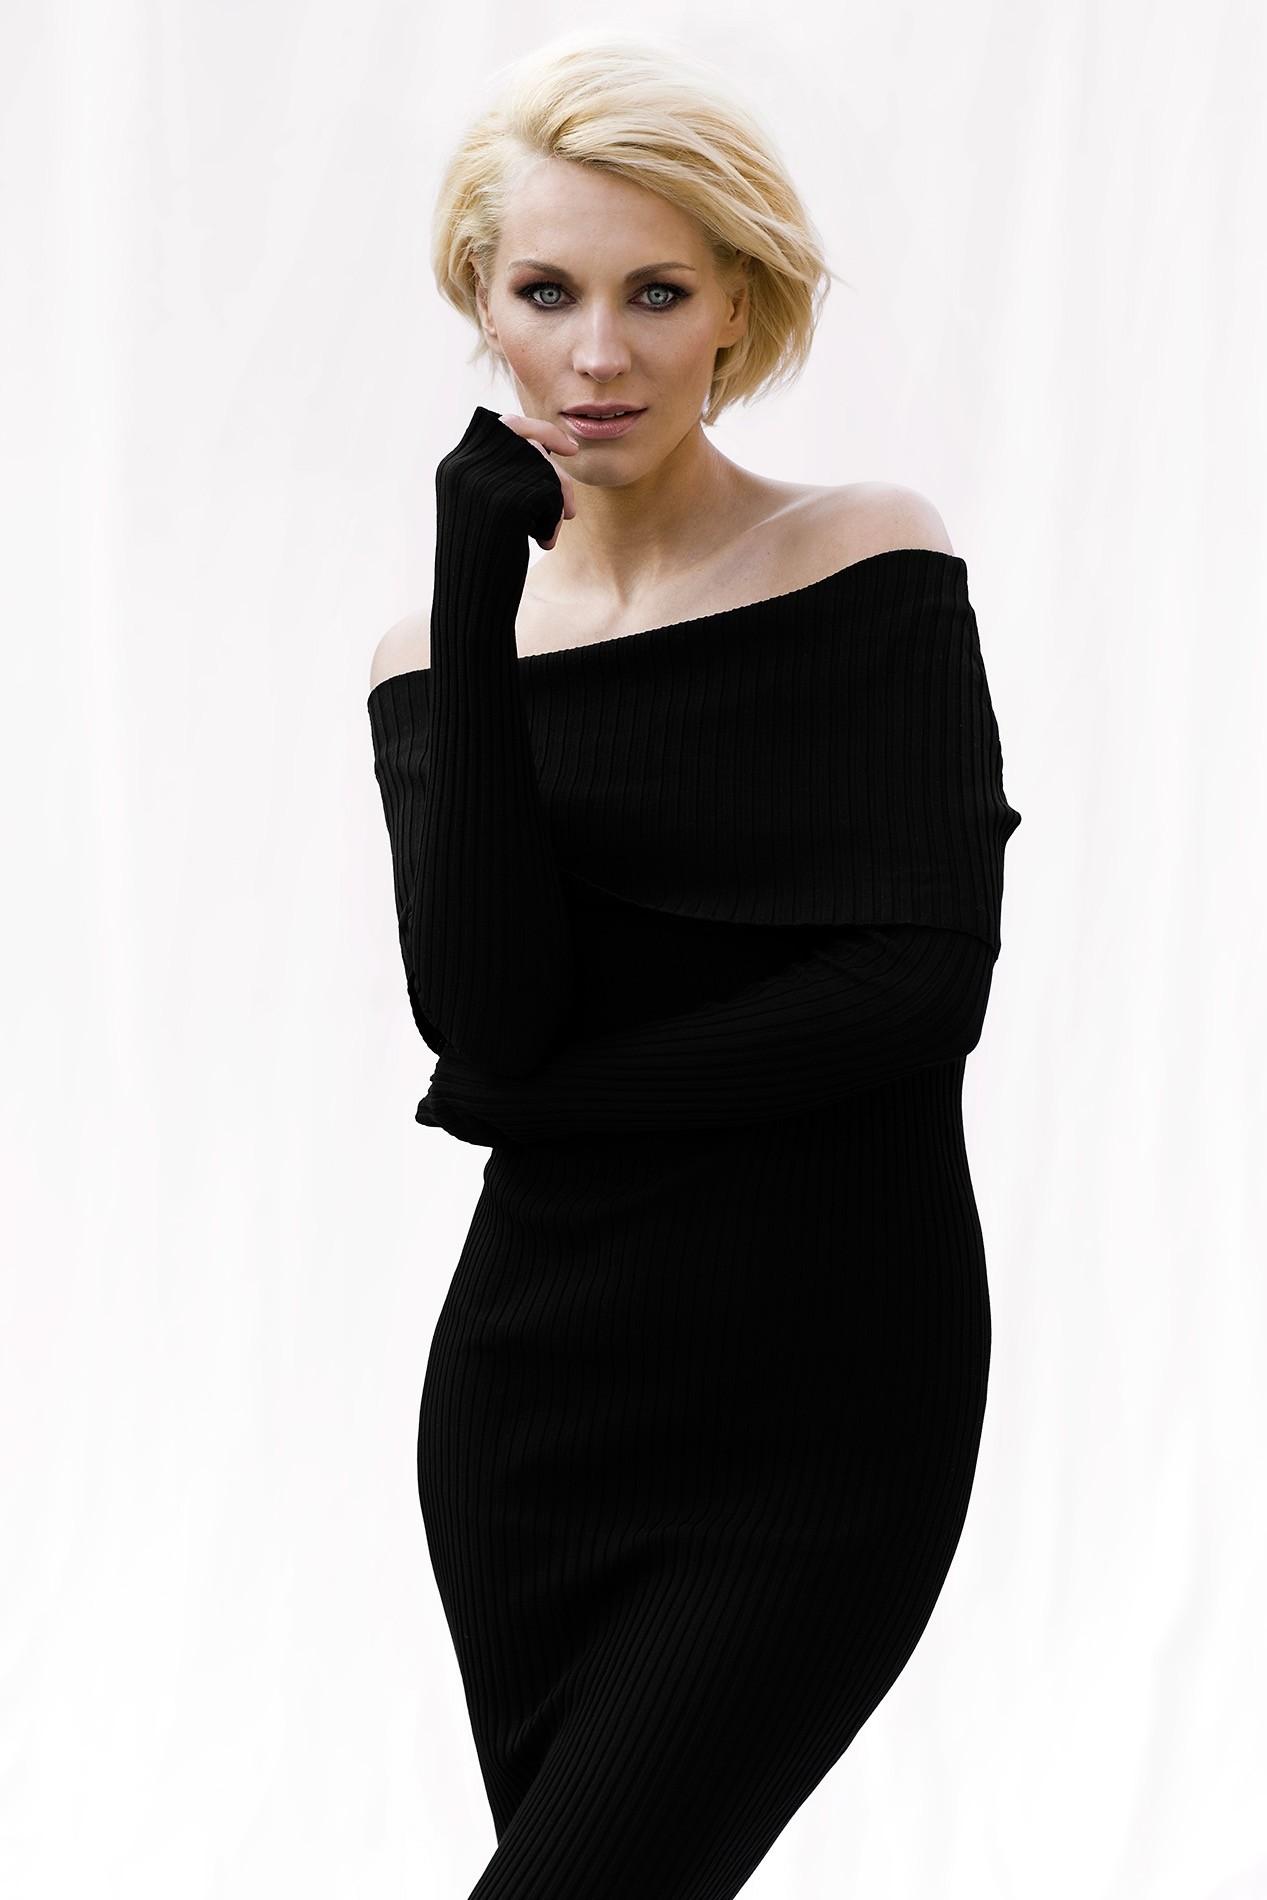 Model mit rauchigen blauen Augen und blonden kurzen Haaren